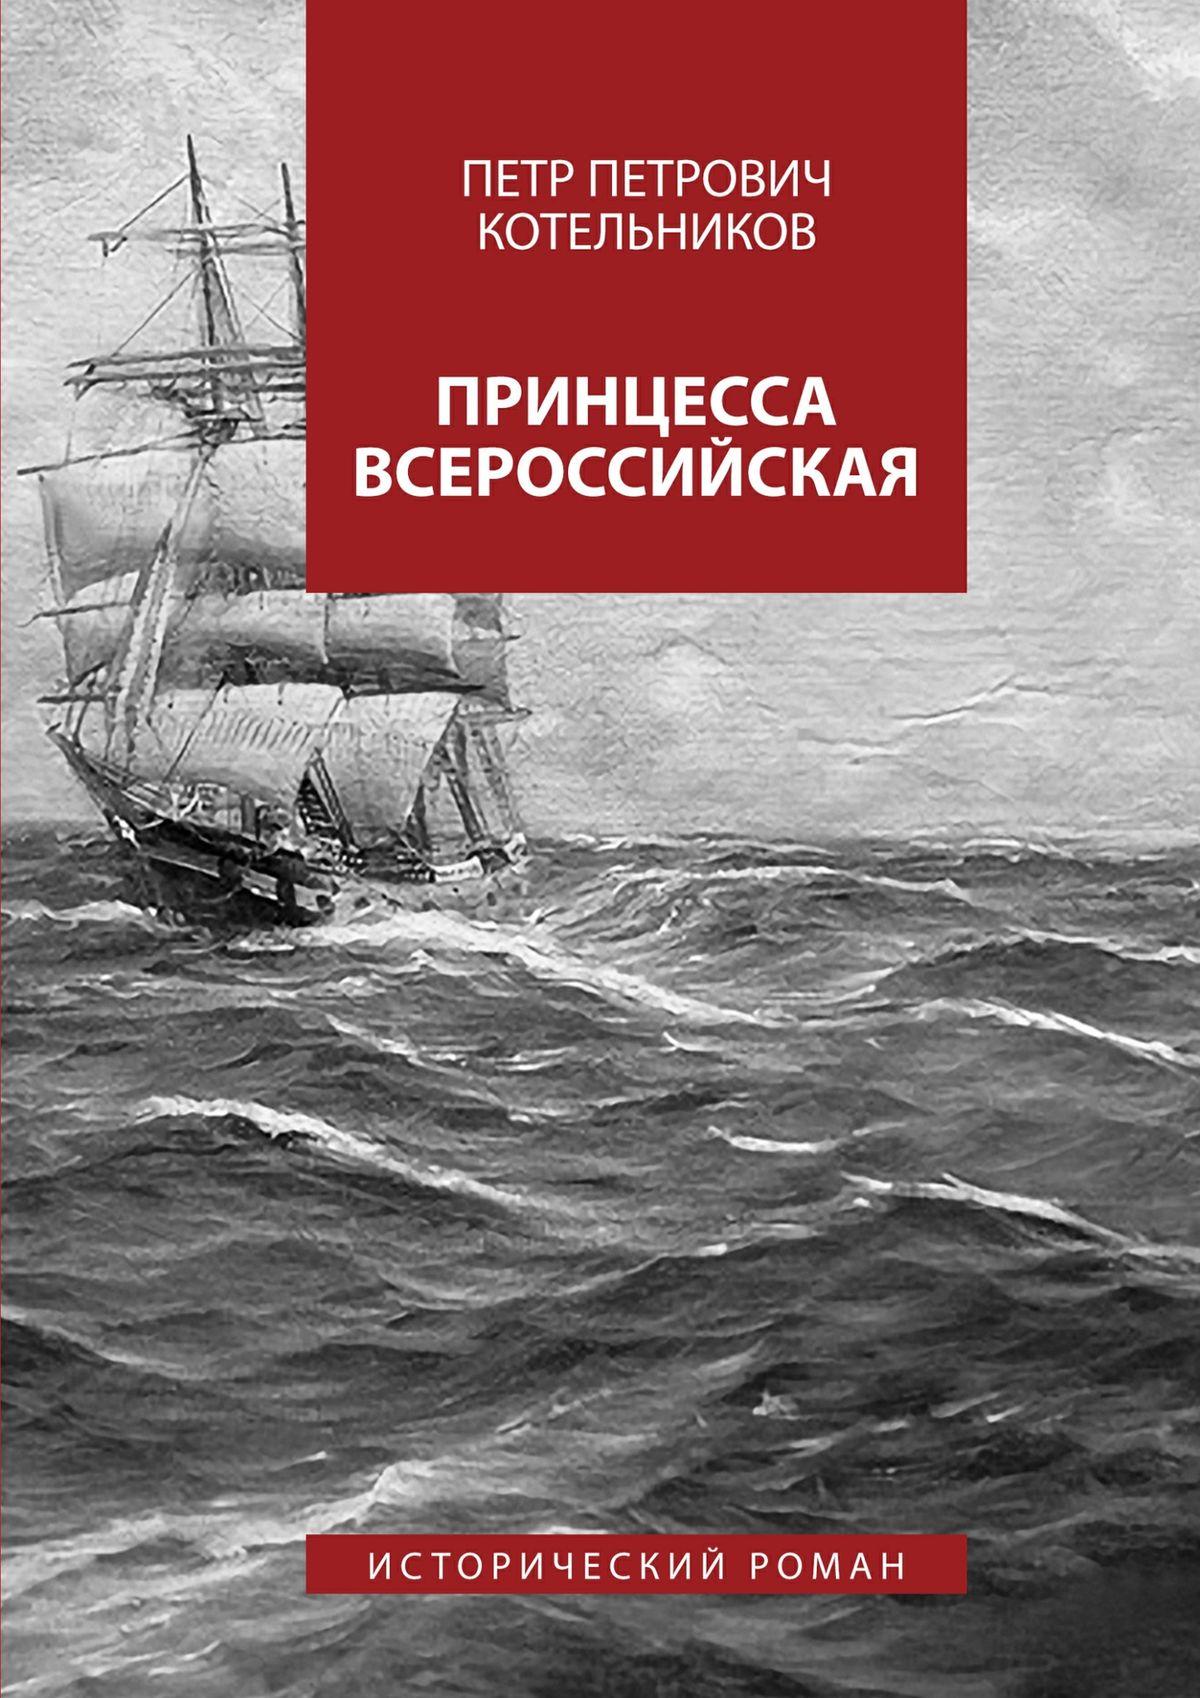 Петр Петрович Котельников Принцесса Всероссийская. Исторический роман